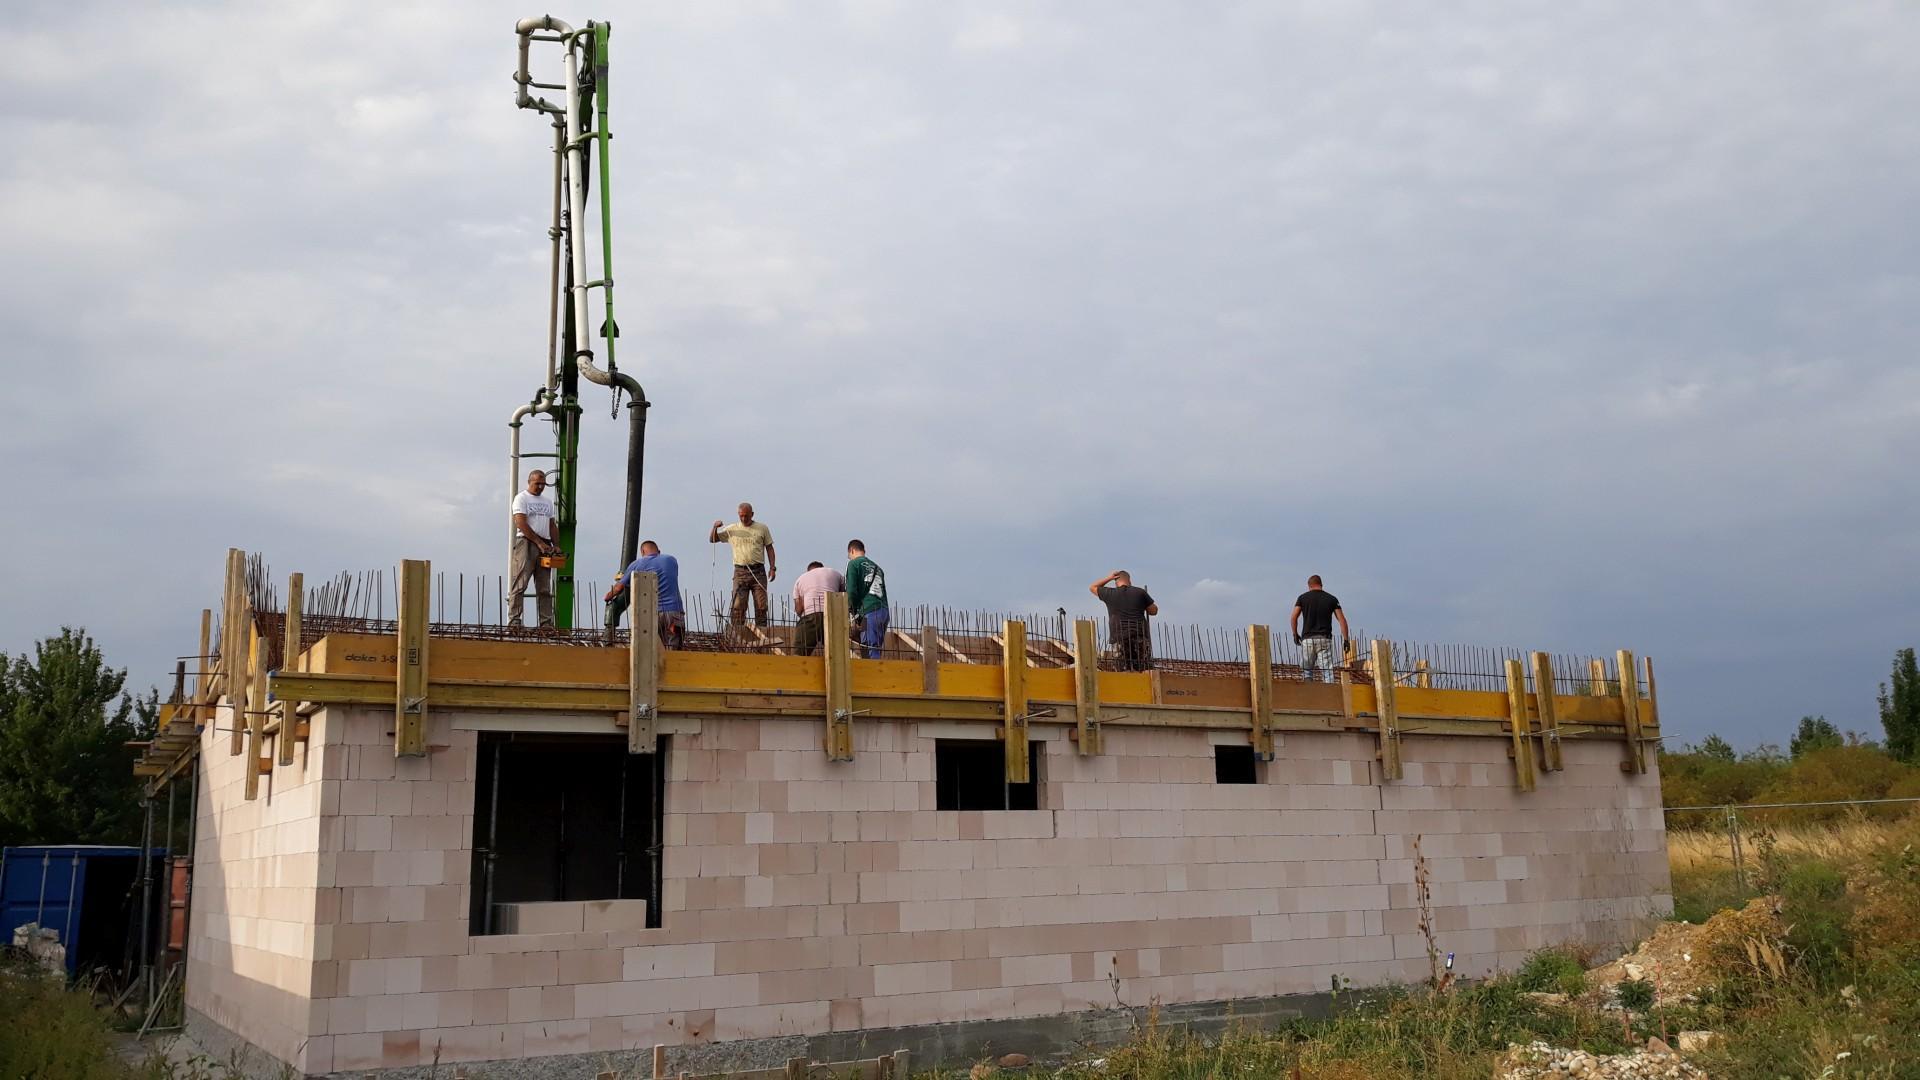 Vrchná stavba - VPC Kalksandstein murivo, zelená strecha - Obrázok č. 31